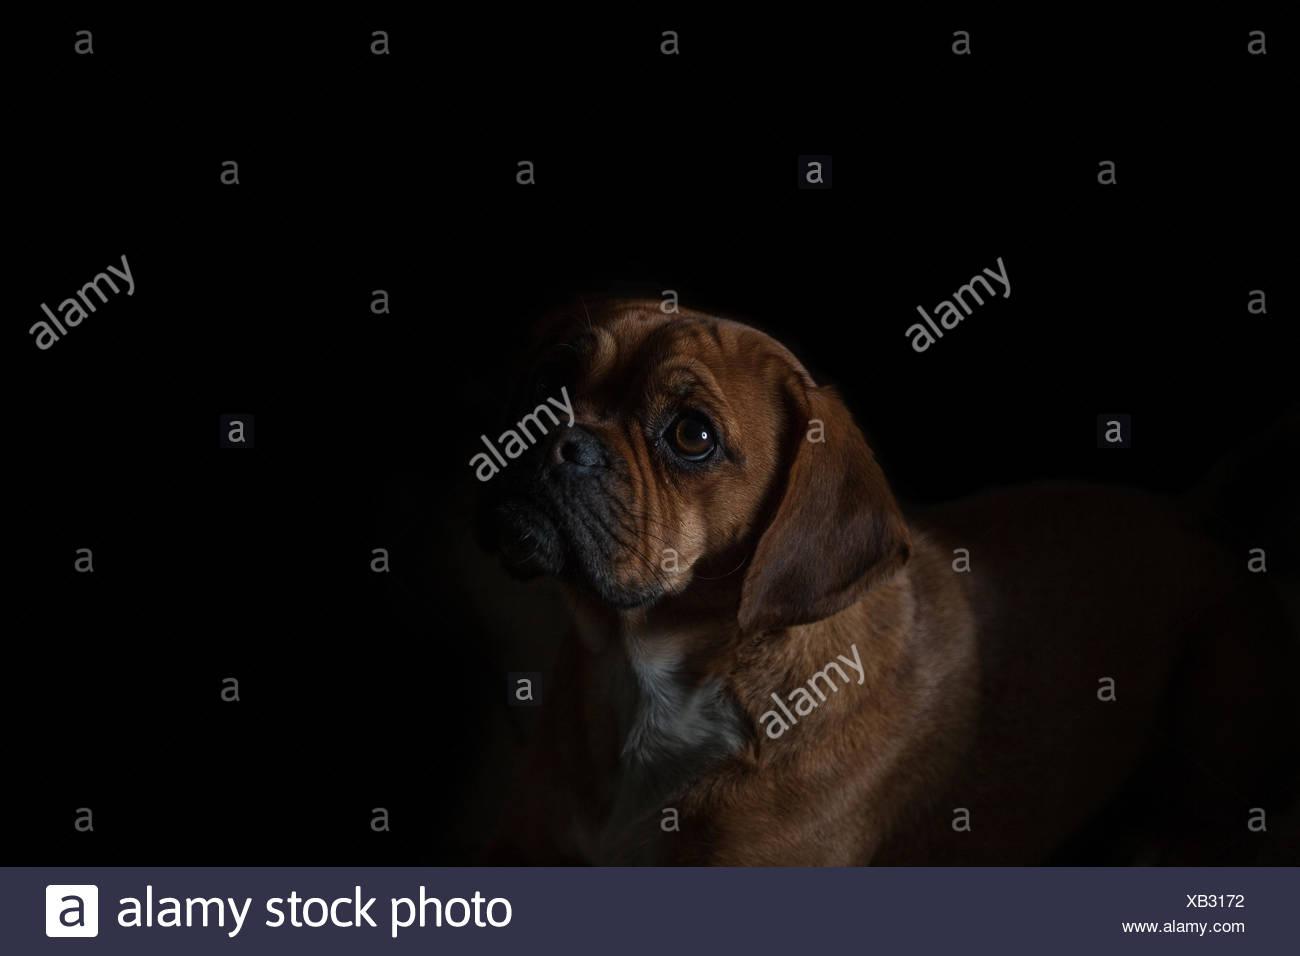 Puggle against Black Background - Stock Image